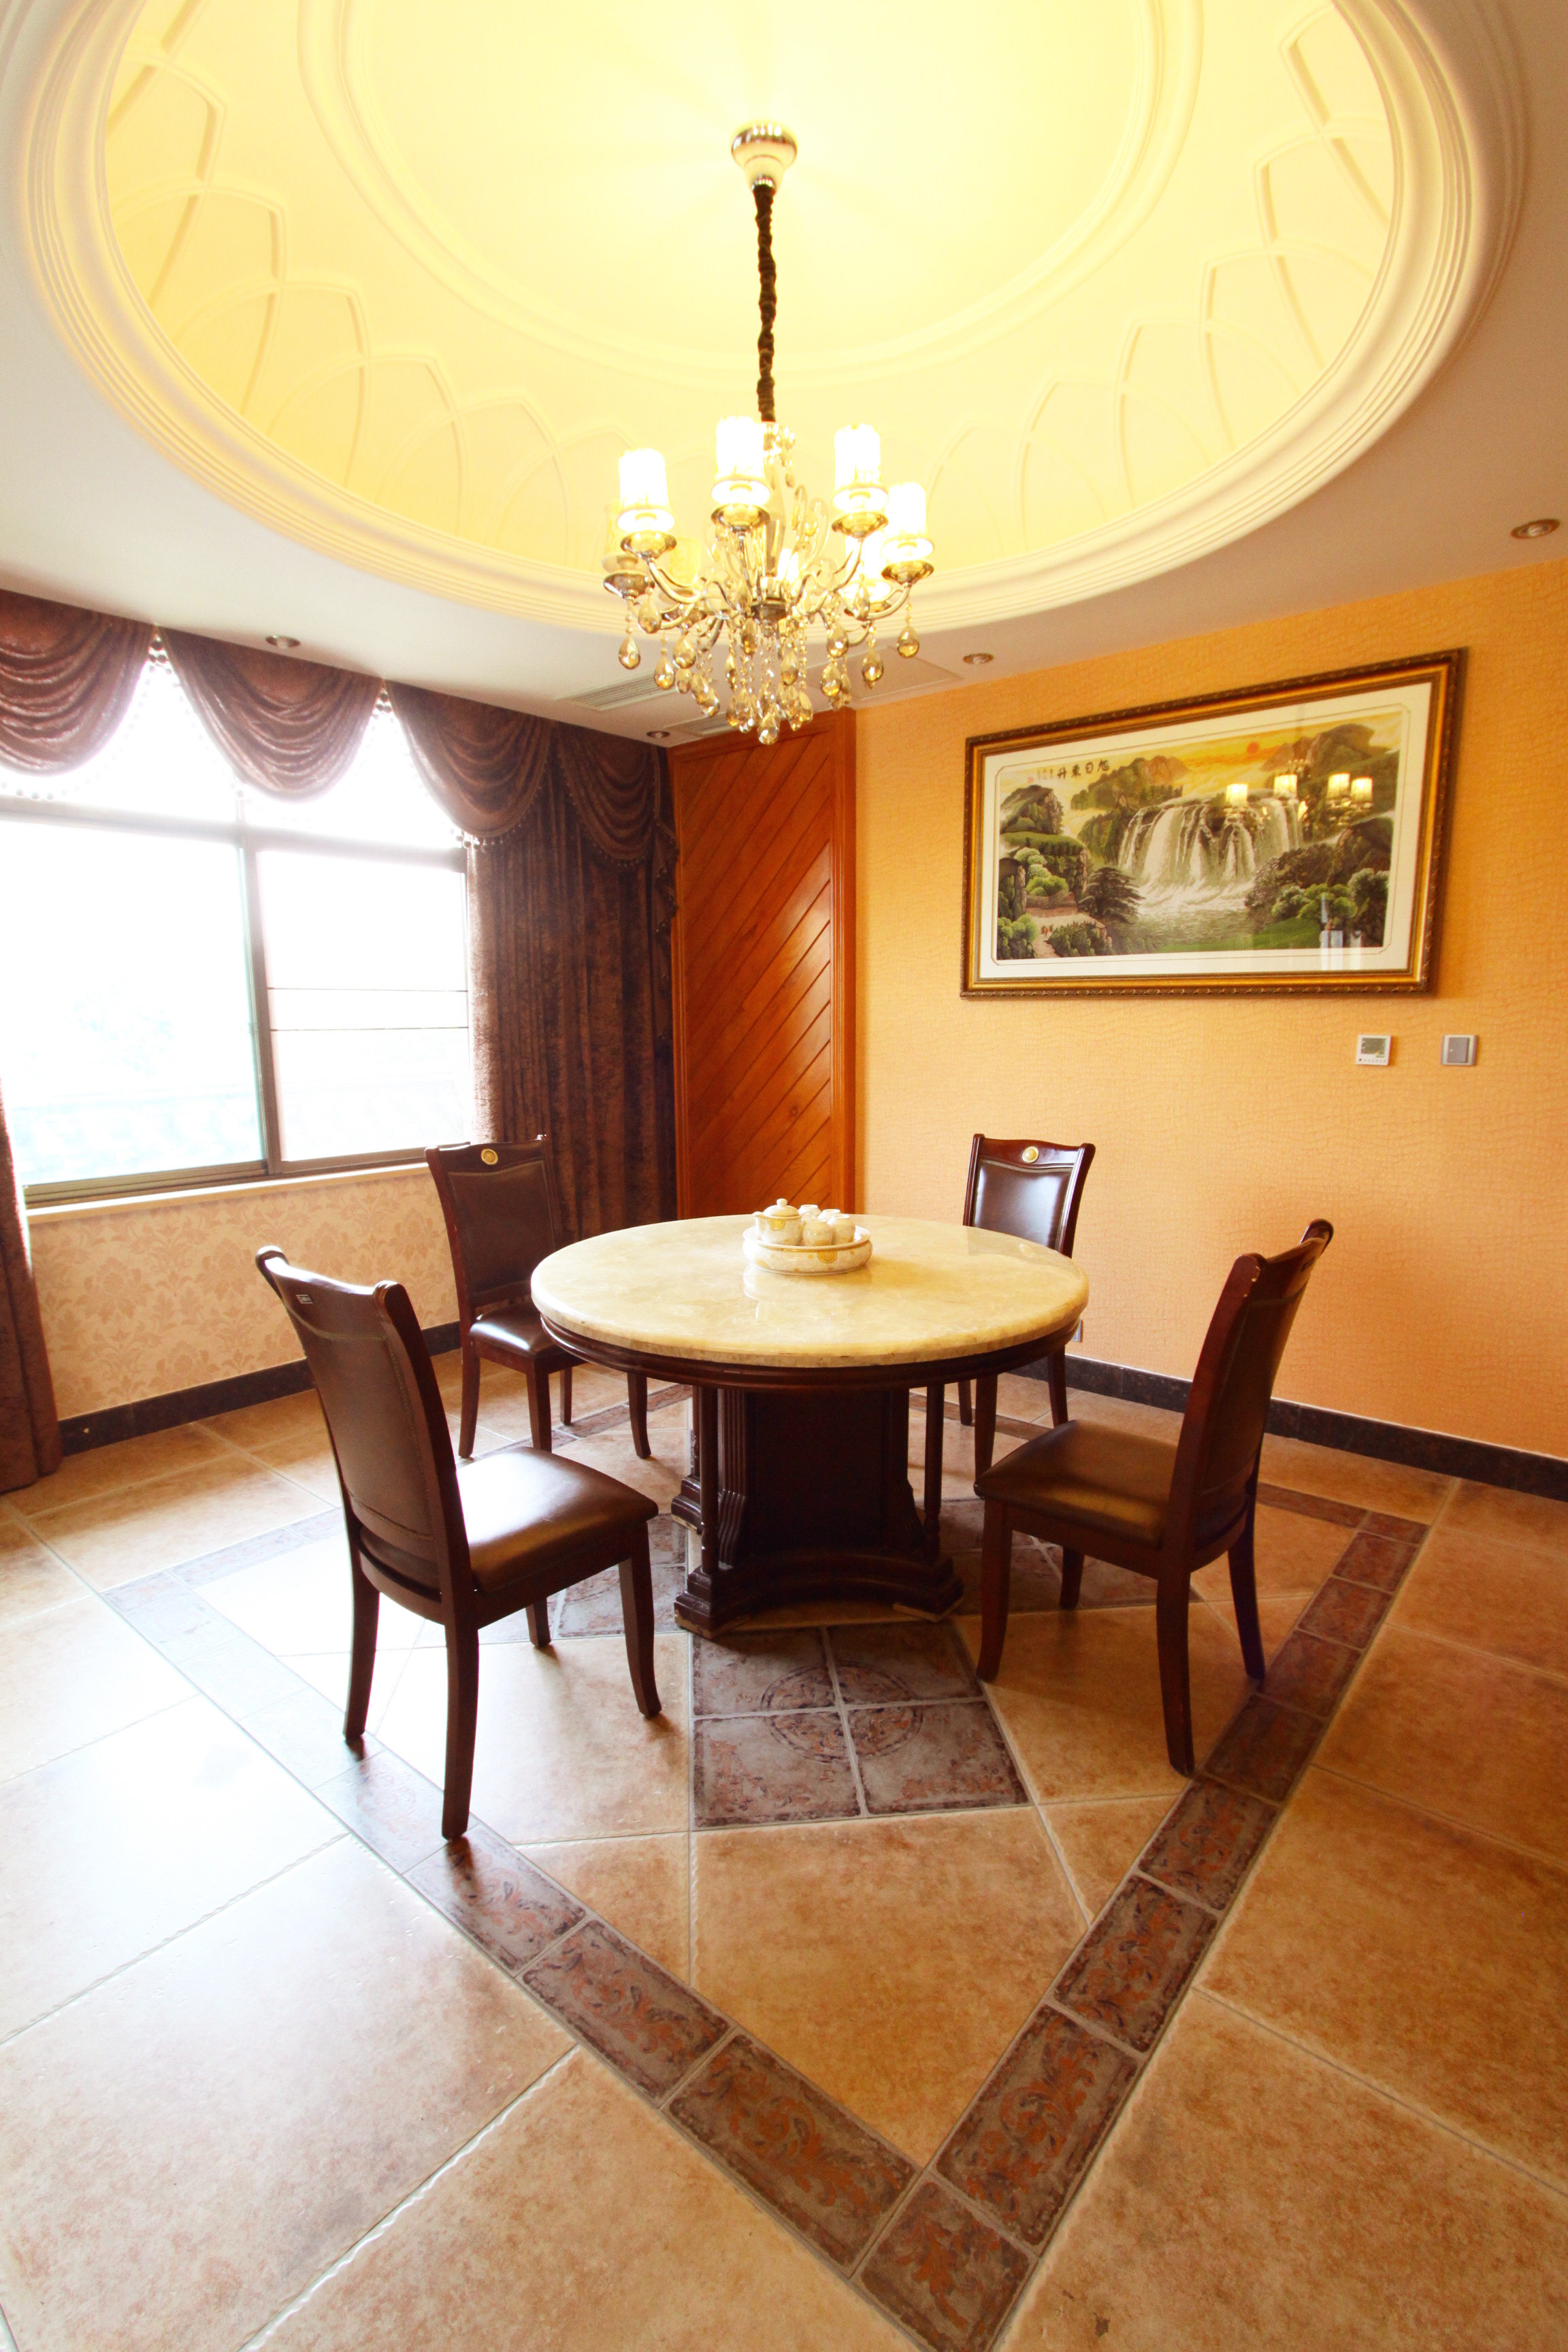 卧室 客厅 别墅 威尼斯商人 瓷砖 加盟图片来自威尼斯商人瓷砖博客在产品实景案例的分享